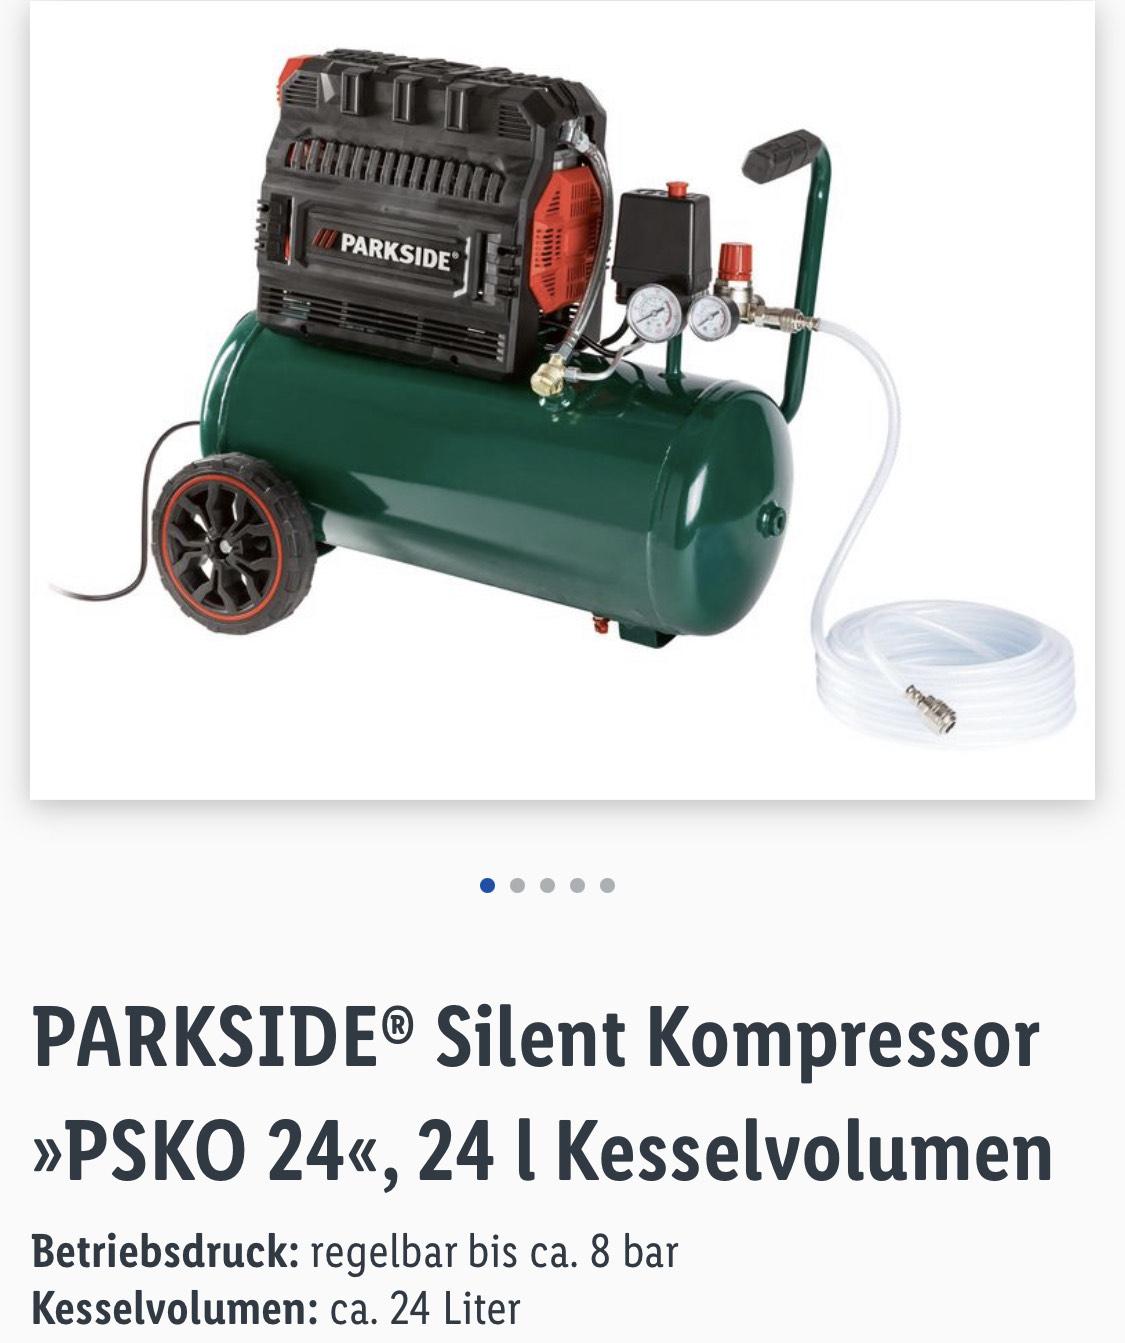 Parkside Silent Kompressor bei Lidl